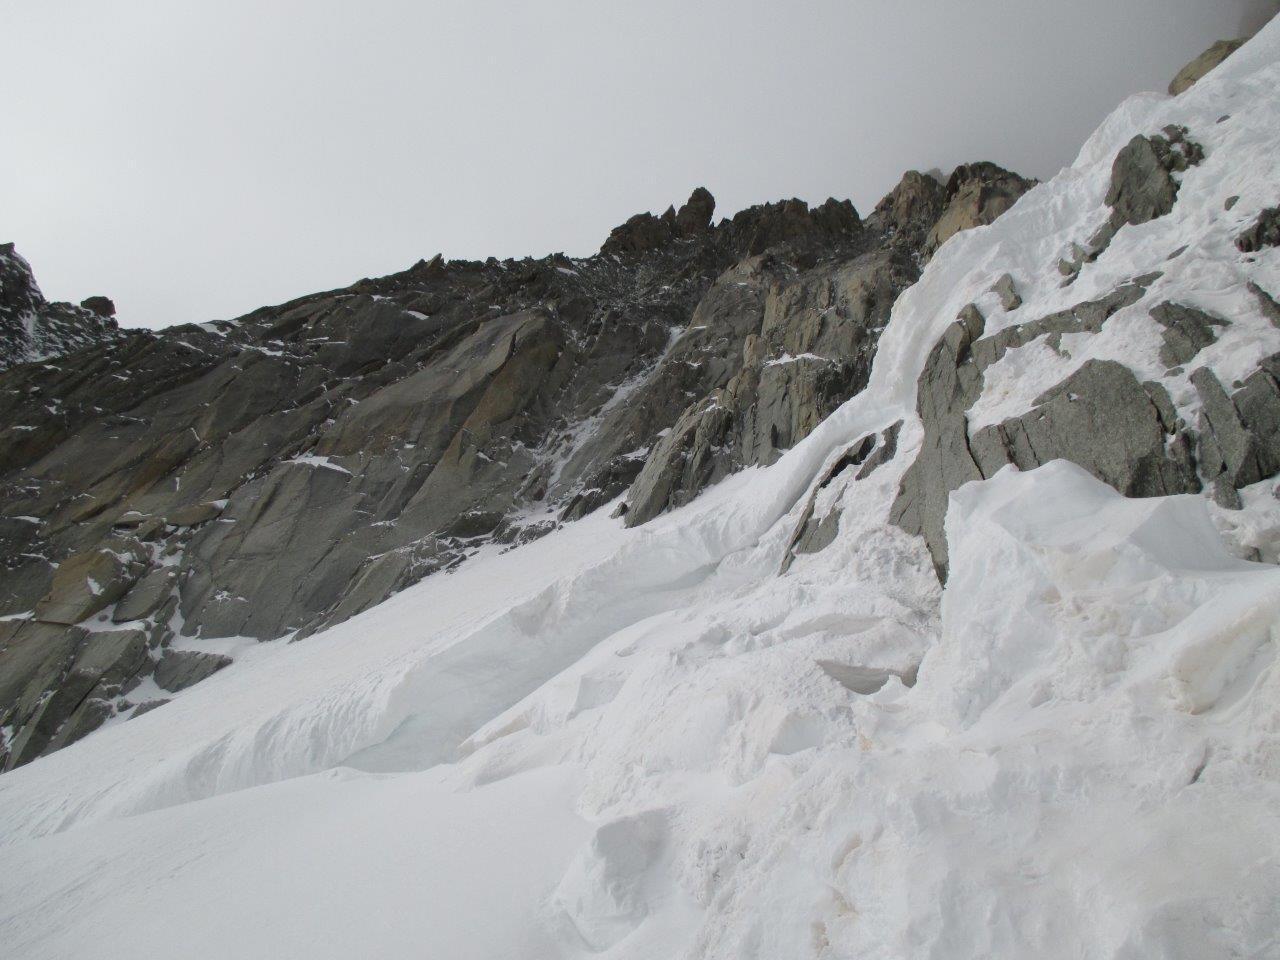 Terminale con rocce affioranti e goulotte sullo sfondo